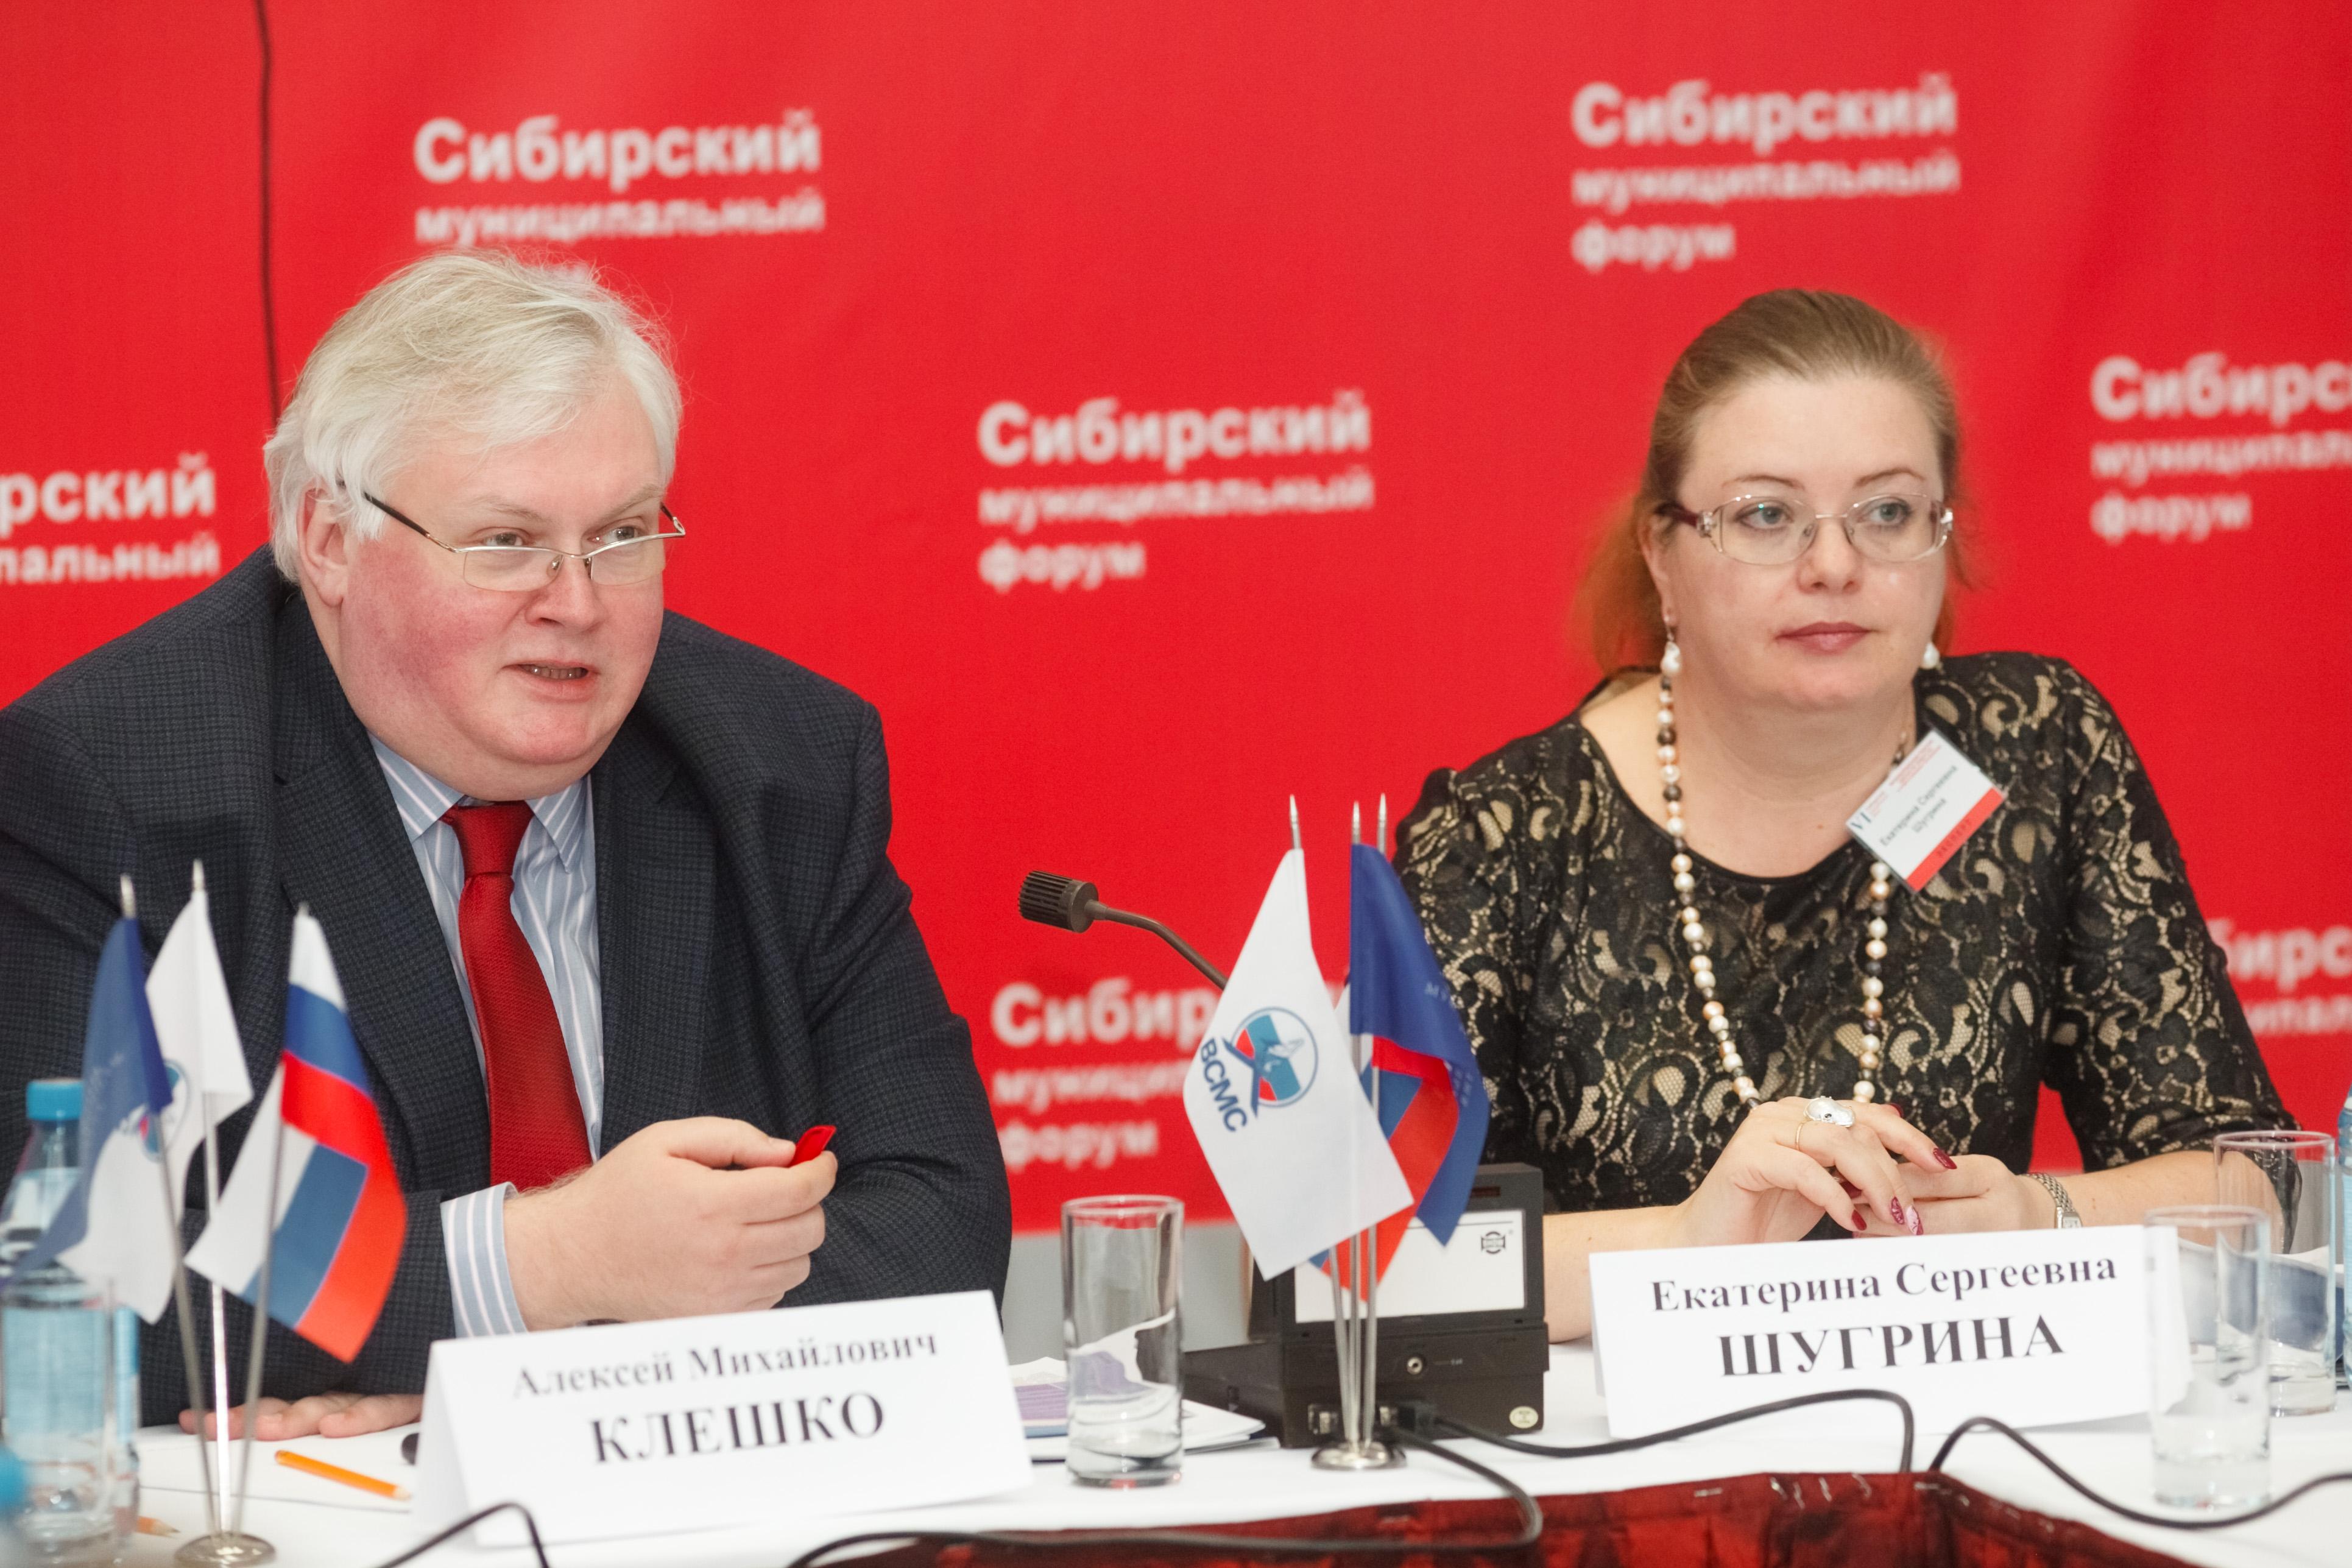 Профессор Екатерина Шугрина приняла участие в работе VI Сибирского муниципального форума #2